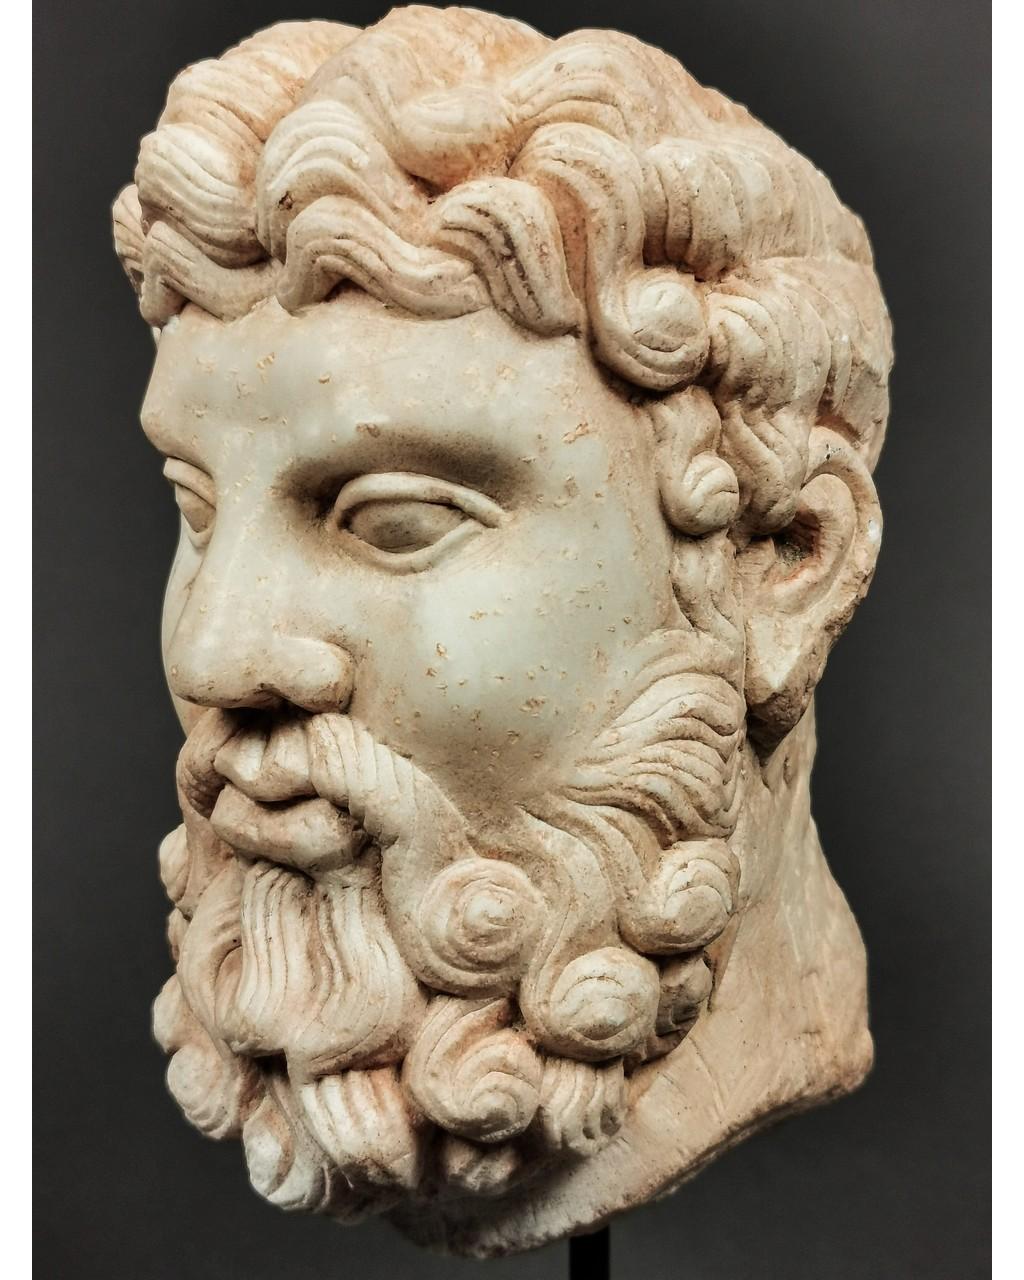 Lot 301 - A ROMAN MARBLE HEAD OF HERCULES